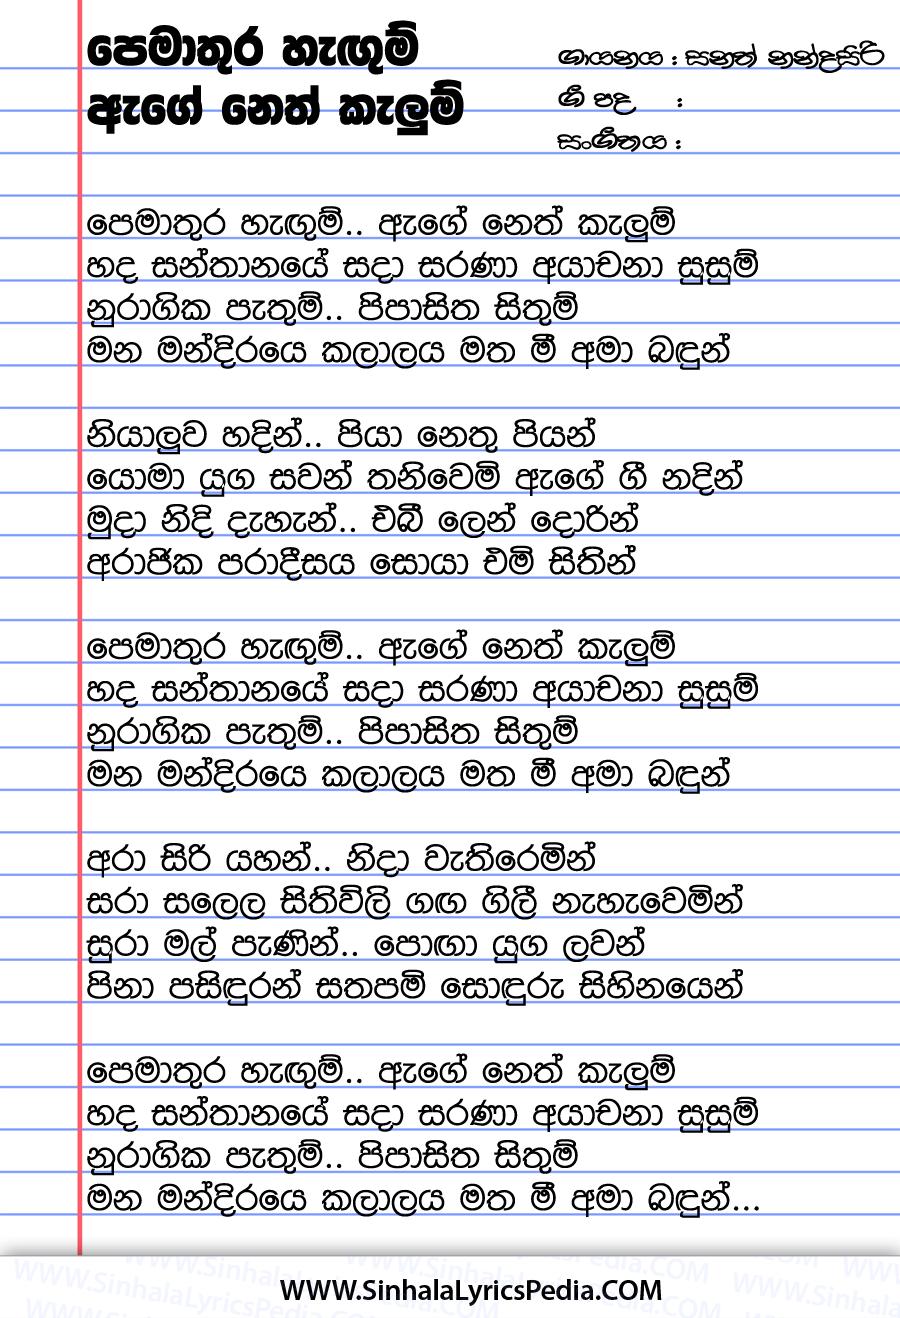 Pemathura Hangum Age Neth Kalum Song Lyrics